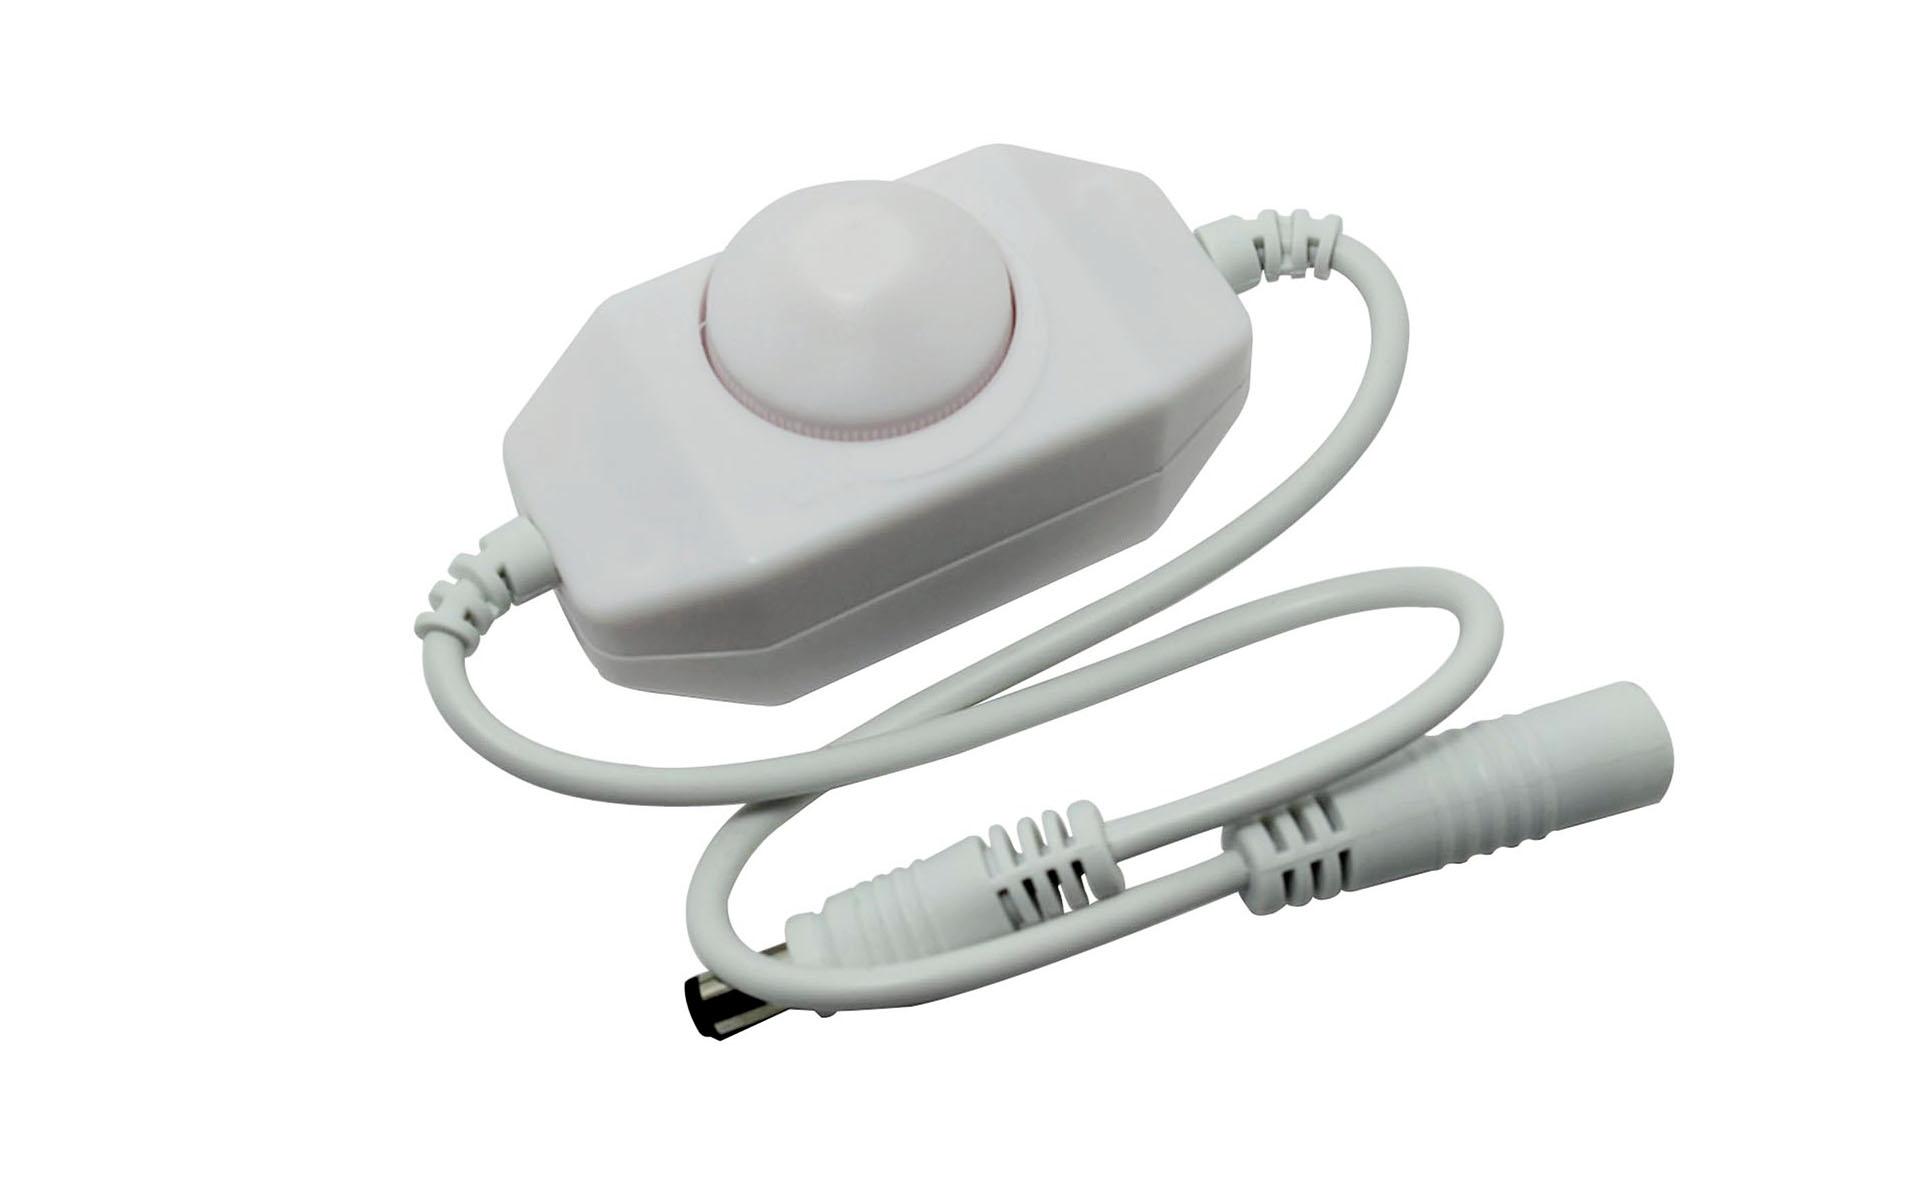 inline single color led dimmer switch with rotary knob 12v 24v 2pcs led strips led. Black Bedroom Furniture Sets. Home Design Ideas